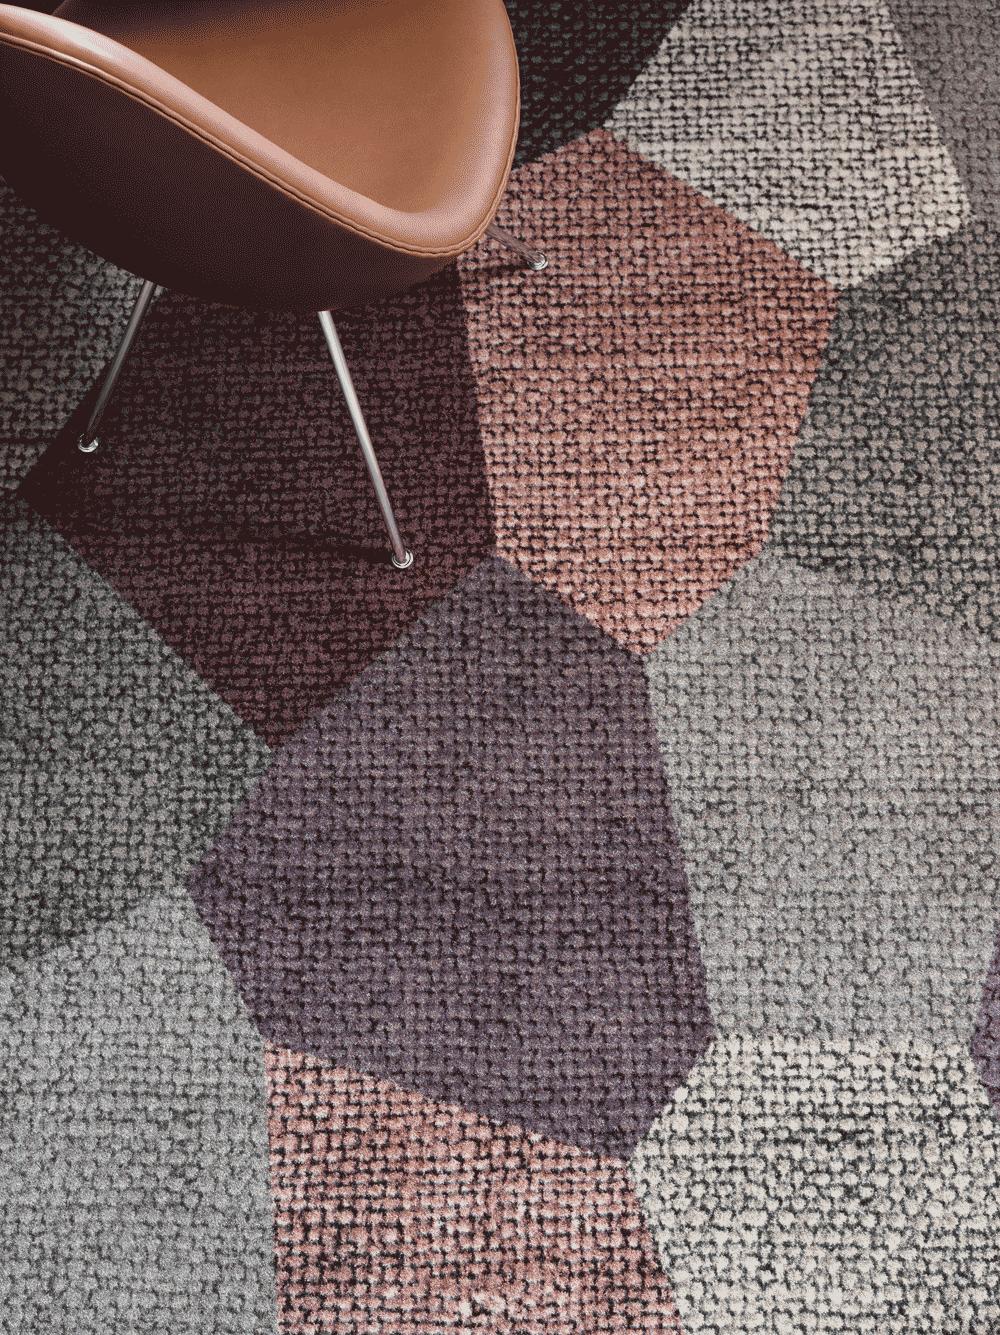 reCanvas-Collage---RF52752823-Octo---close-up